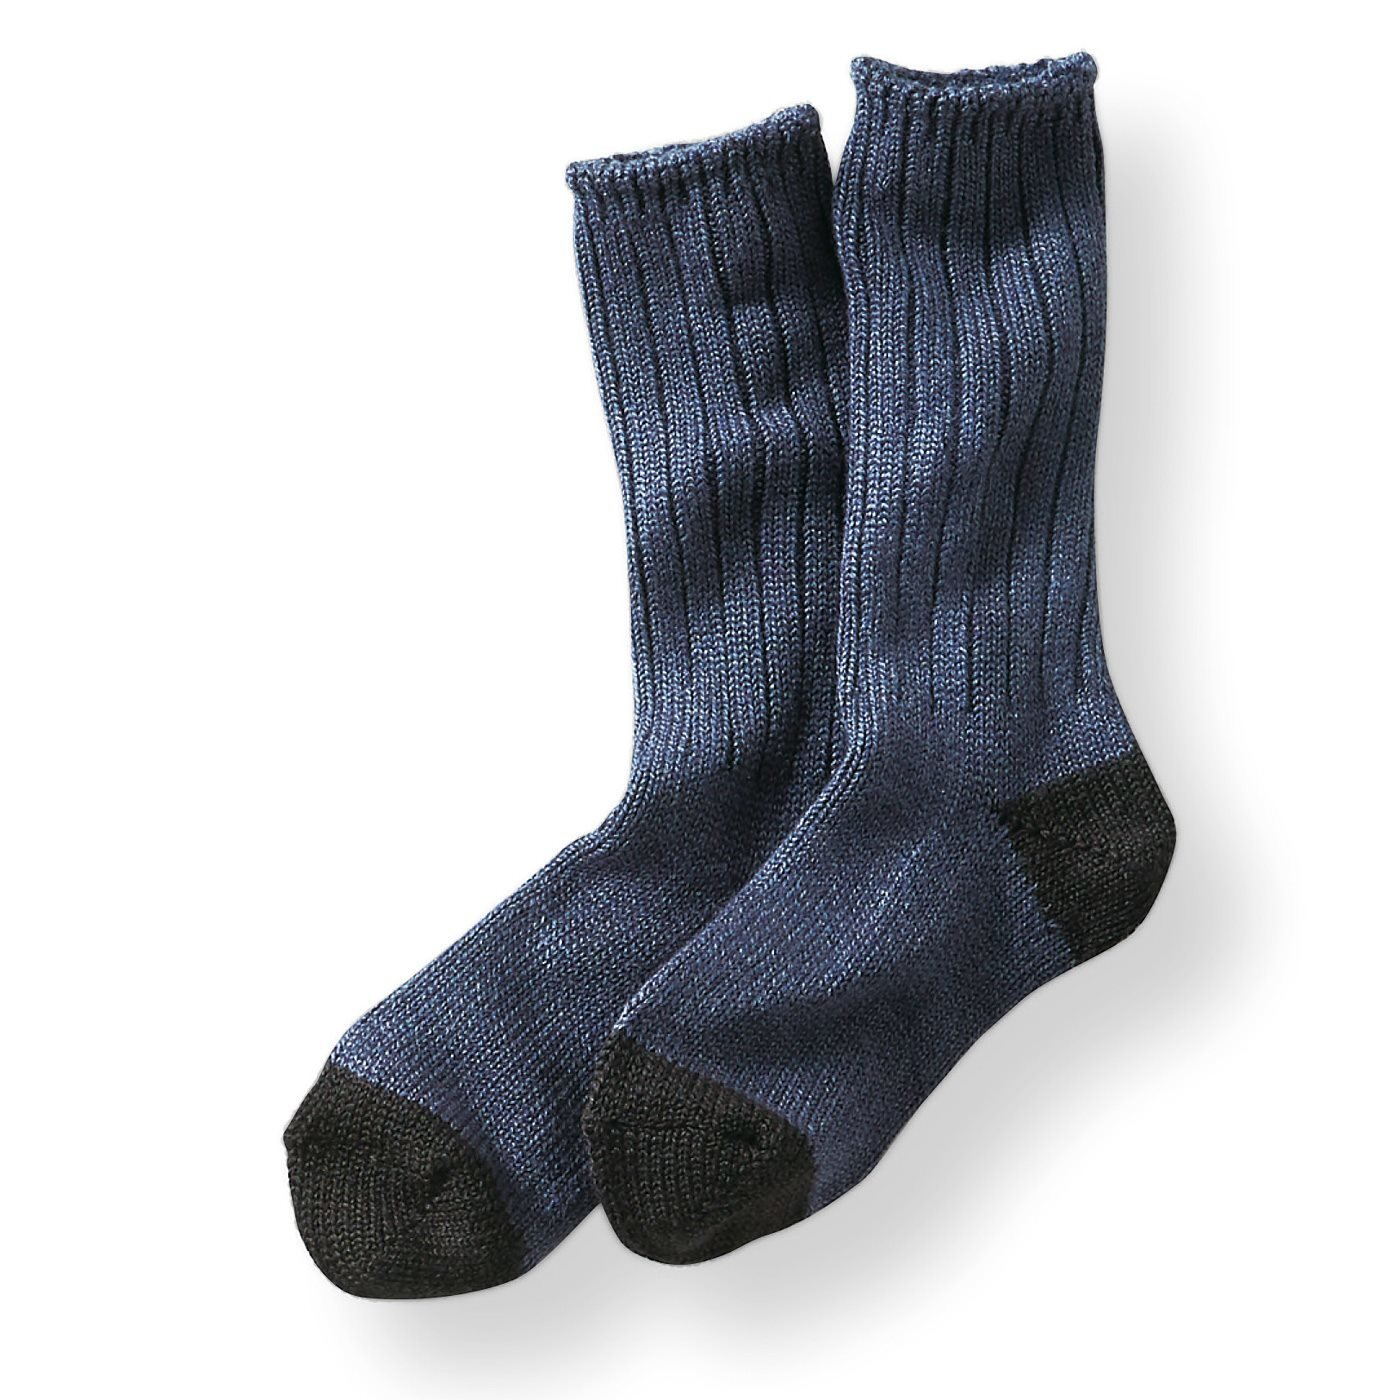 古着屋さんで見つけたようなウール混ざっくり靴下〈ブルー〉